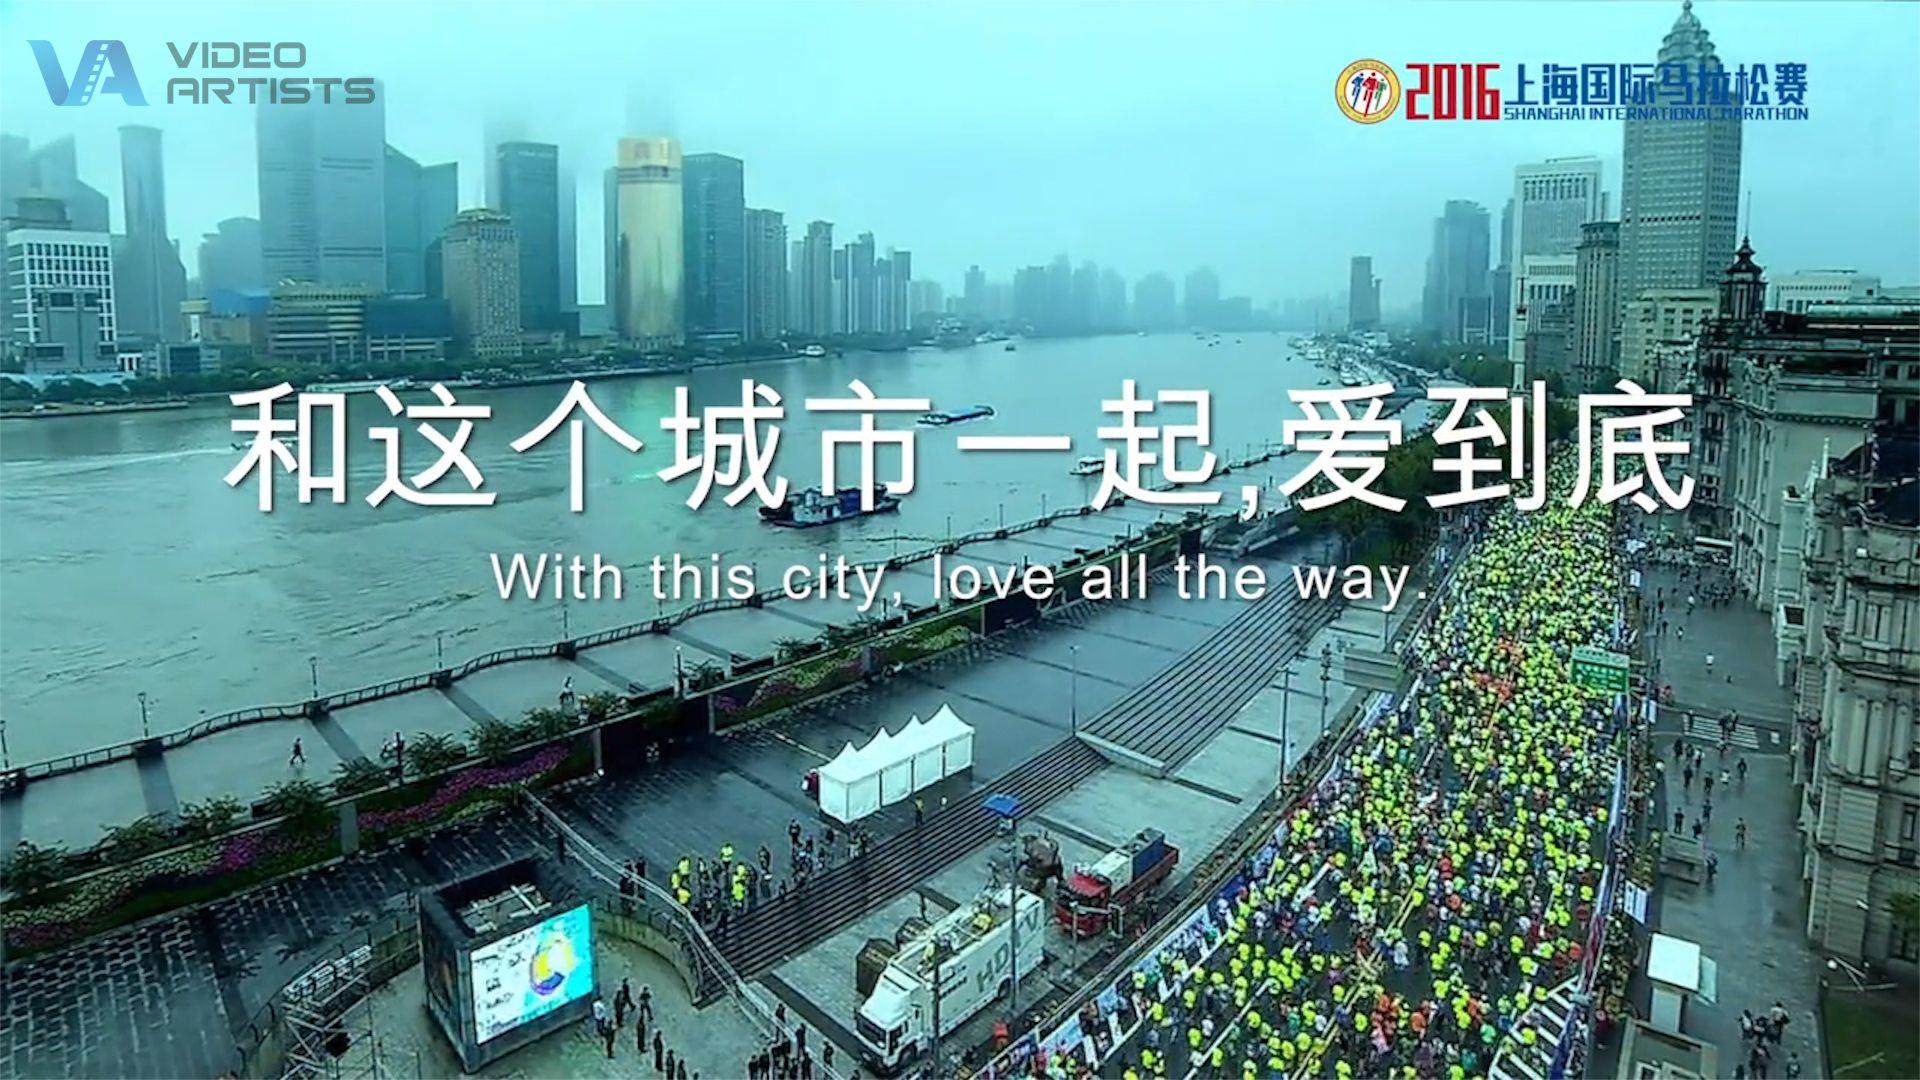 2016上海国际马拉松-宣传片